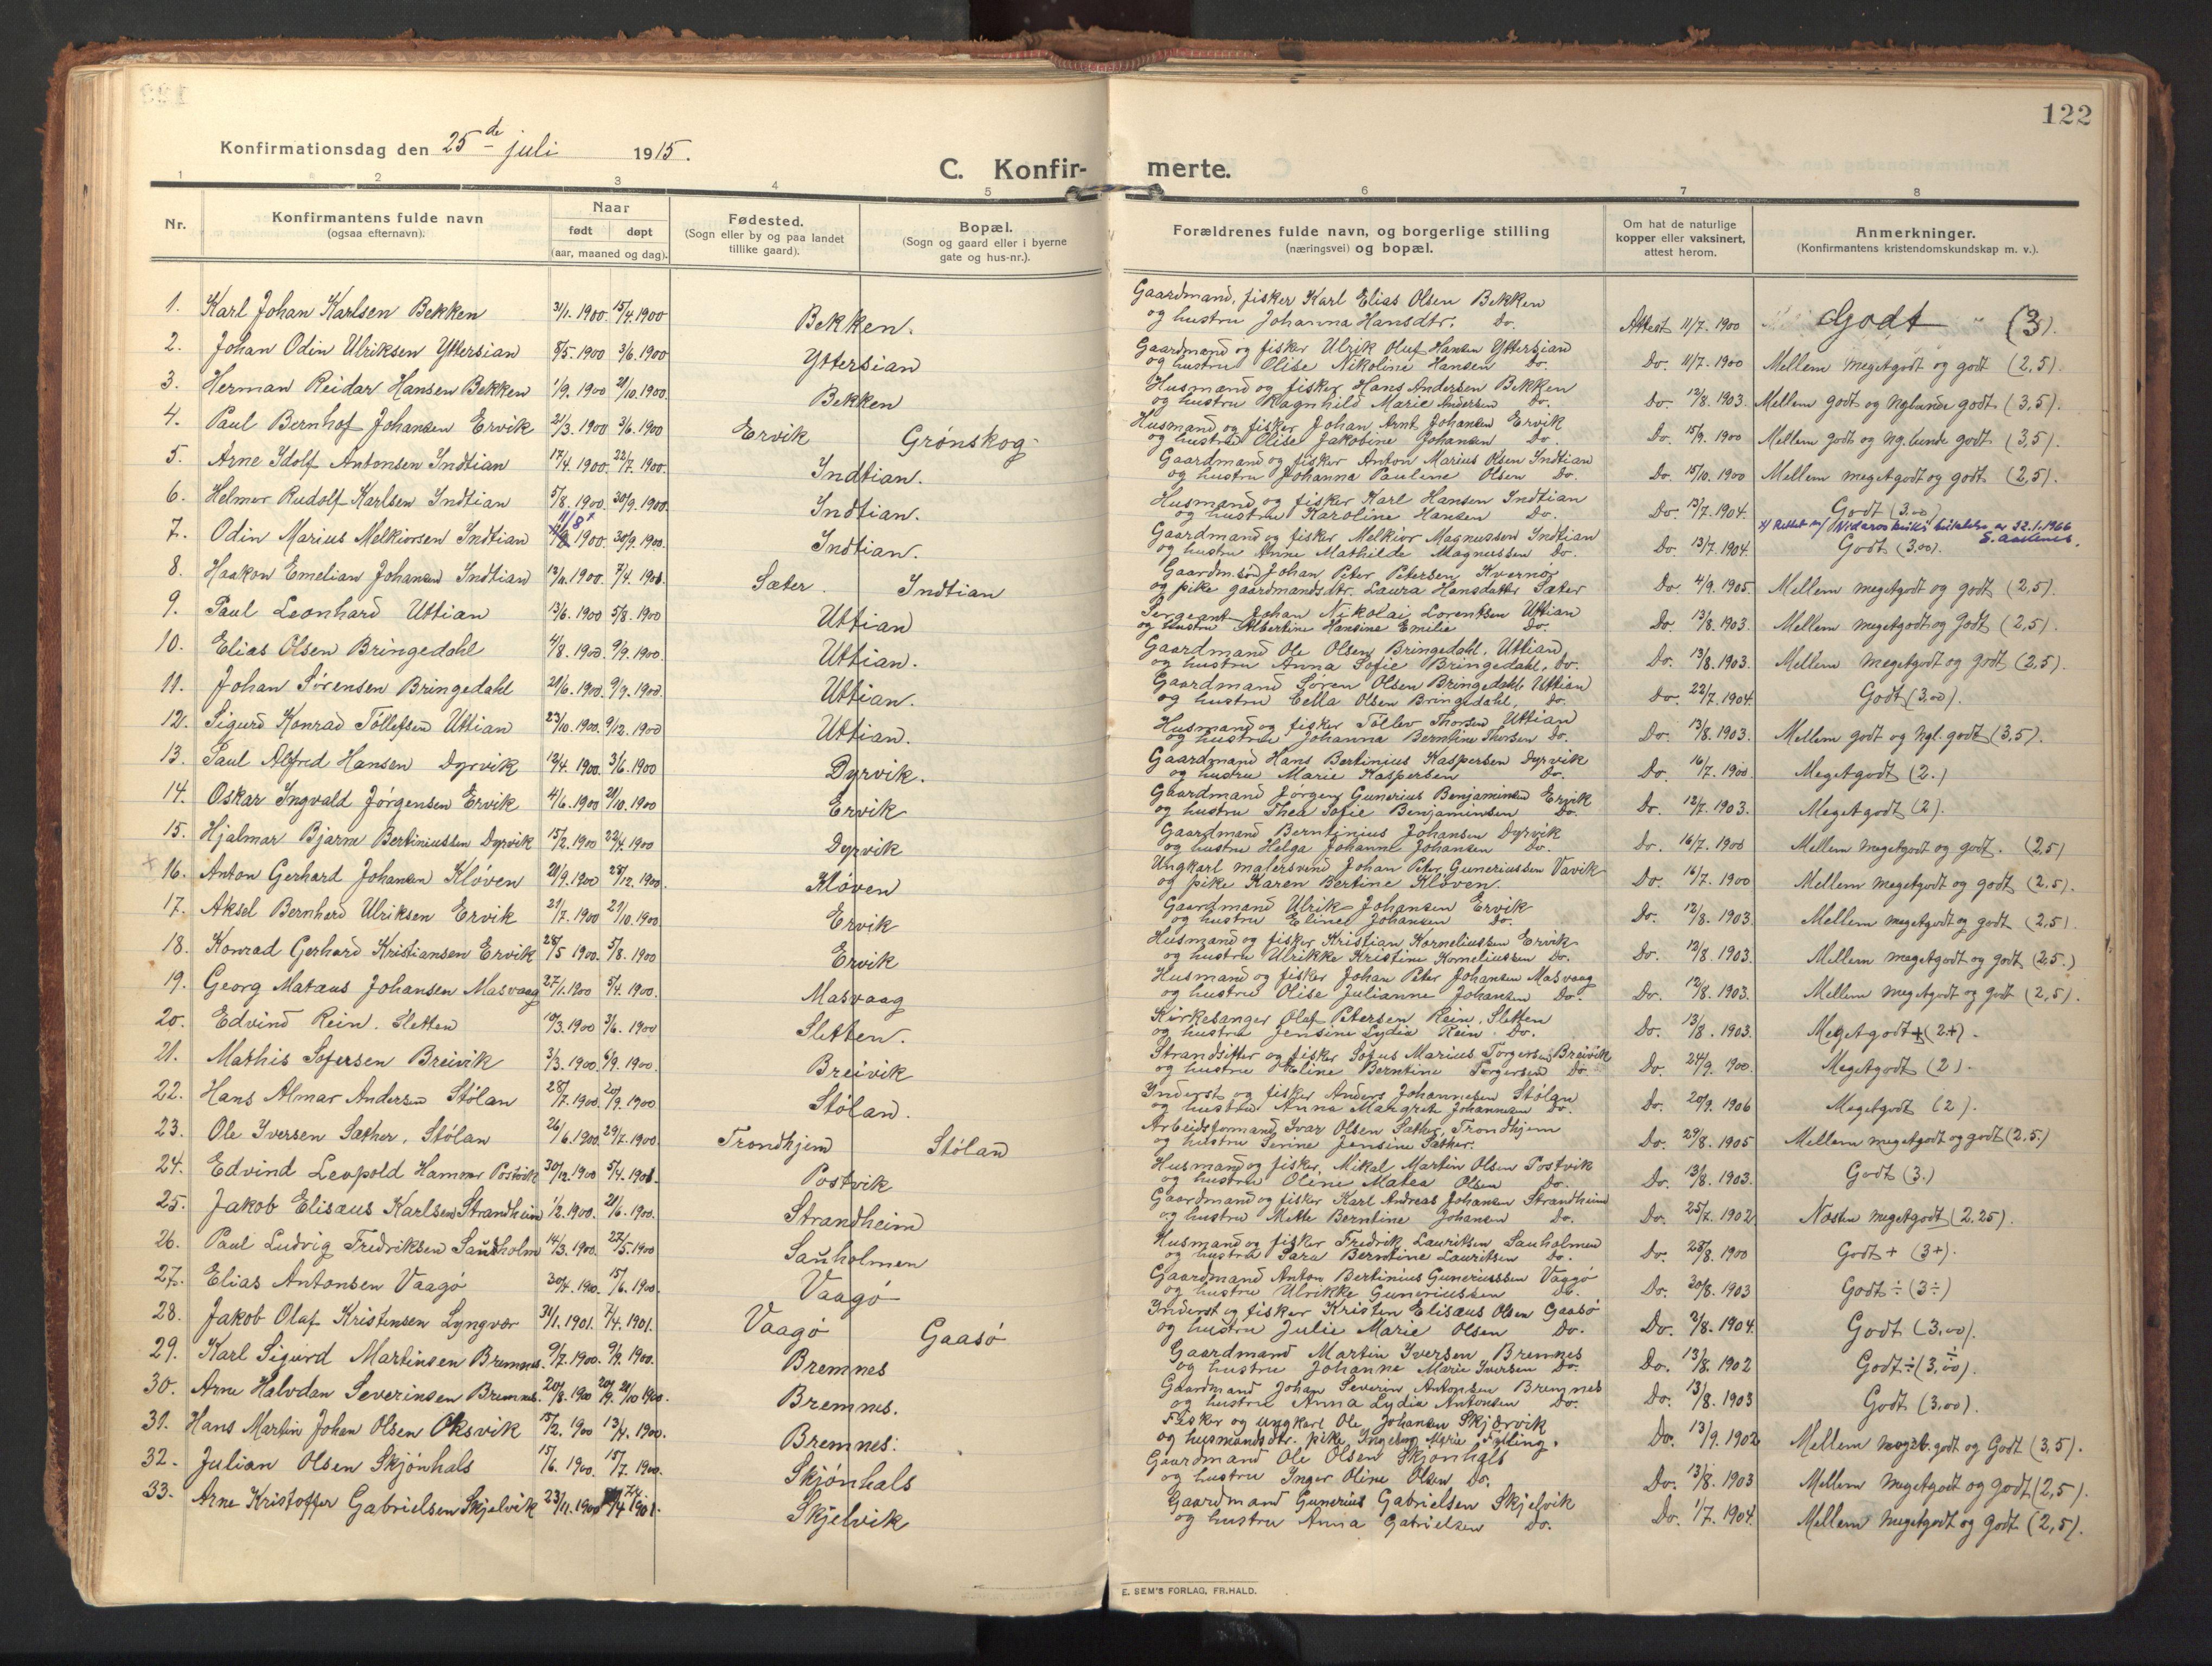 SAT, Ministerialprotokoller, klokkerbøker og fødselsregistre - Sør-Trøndelag, 640/L0581: Ministerialbok nr. 640A06, 1910-1924, s. 122